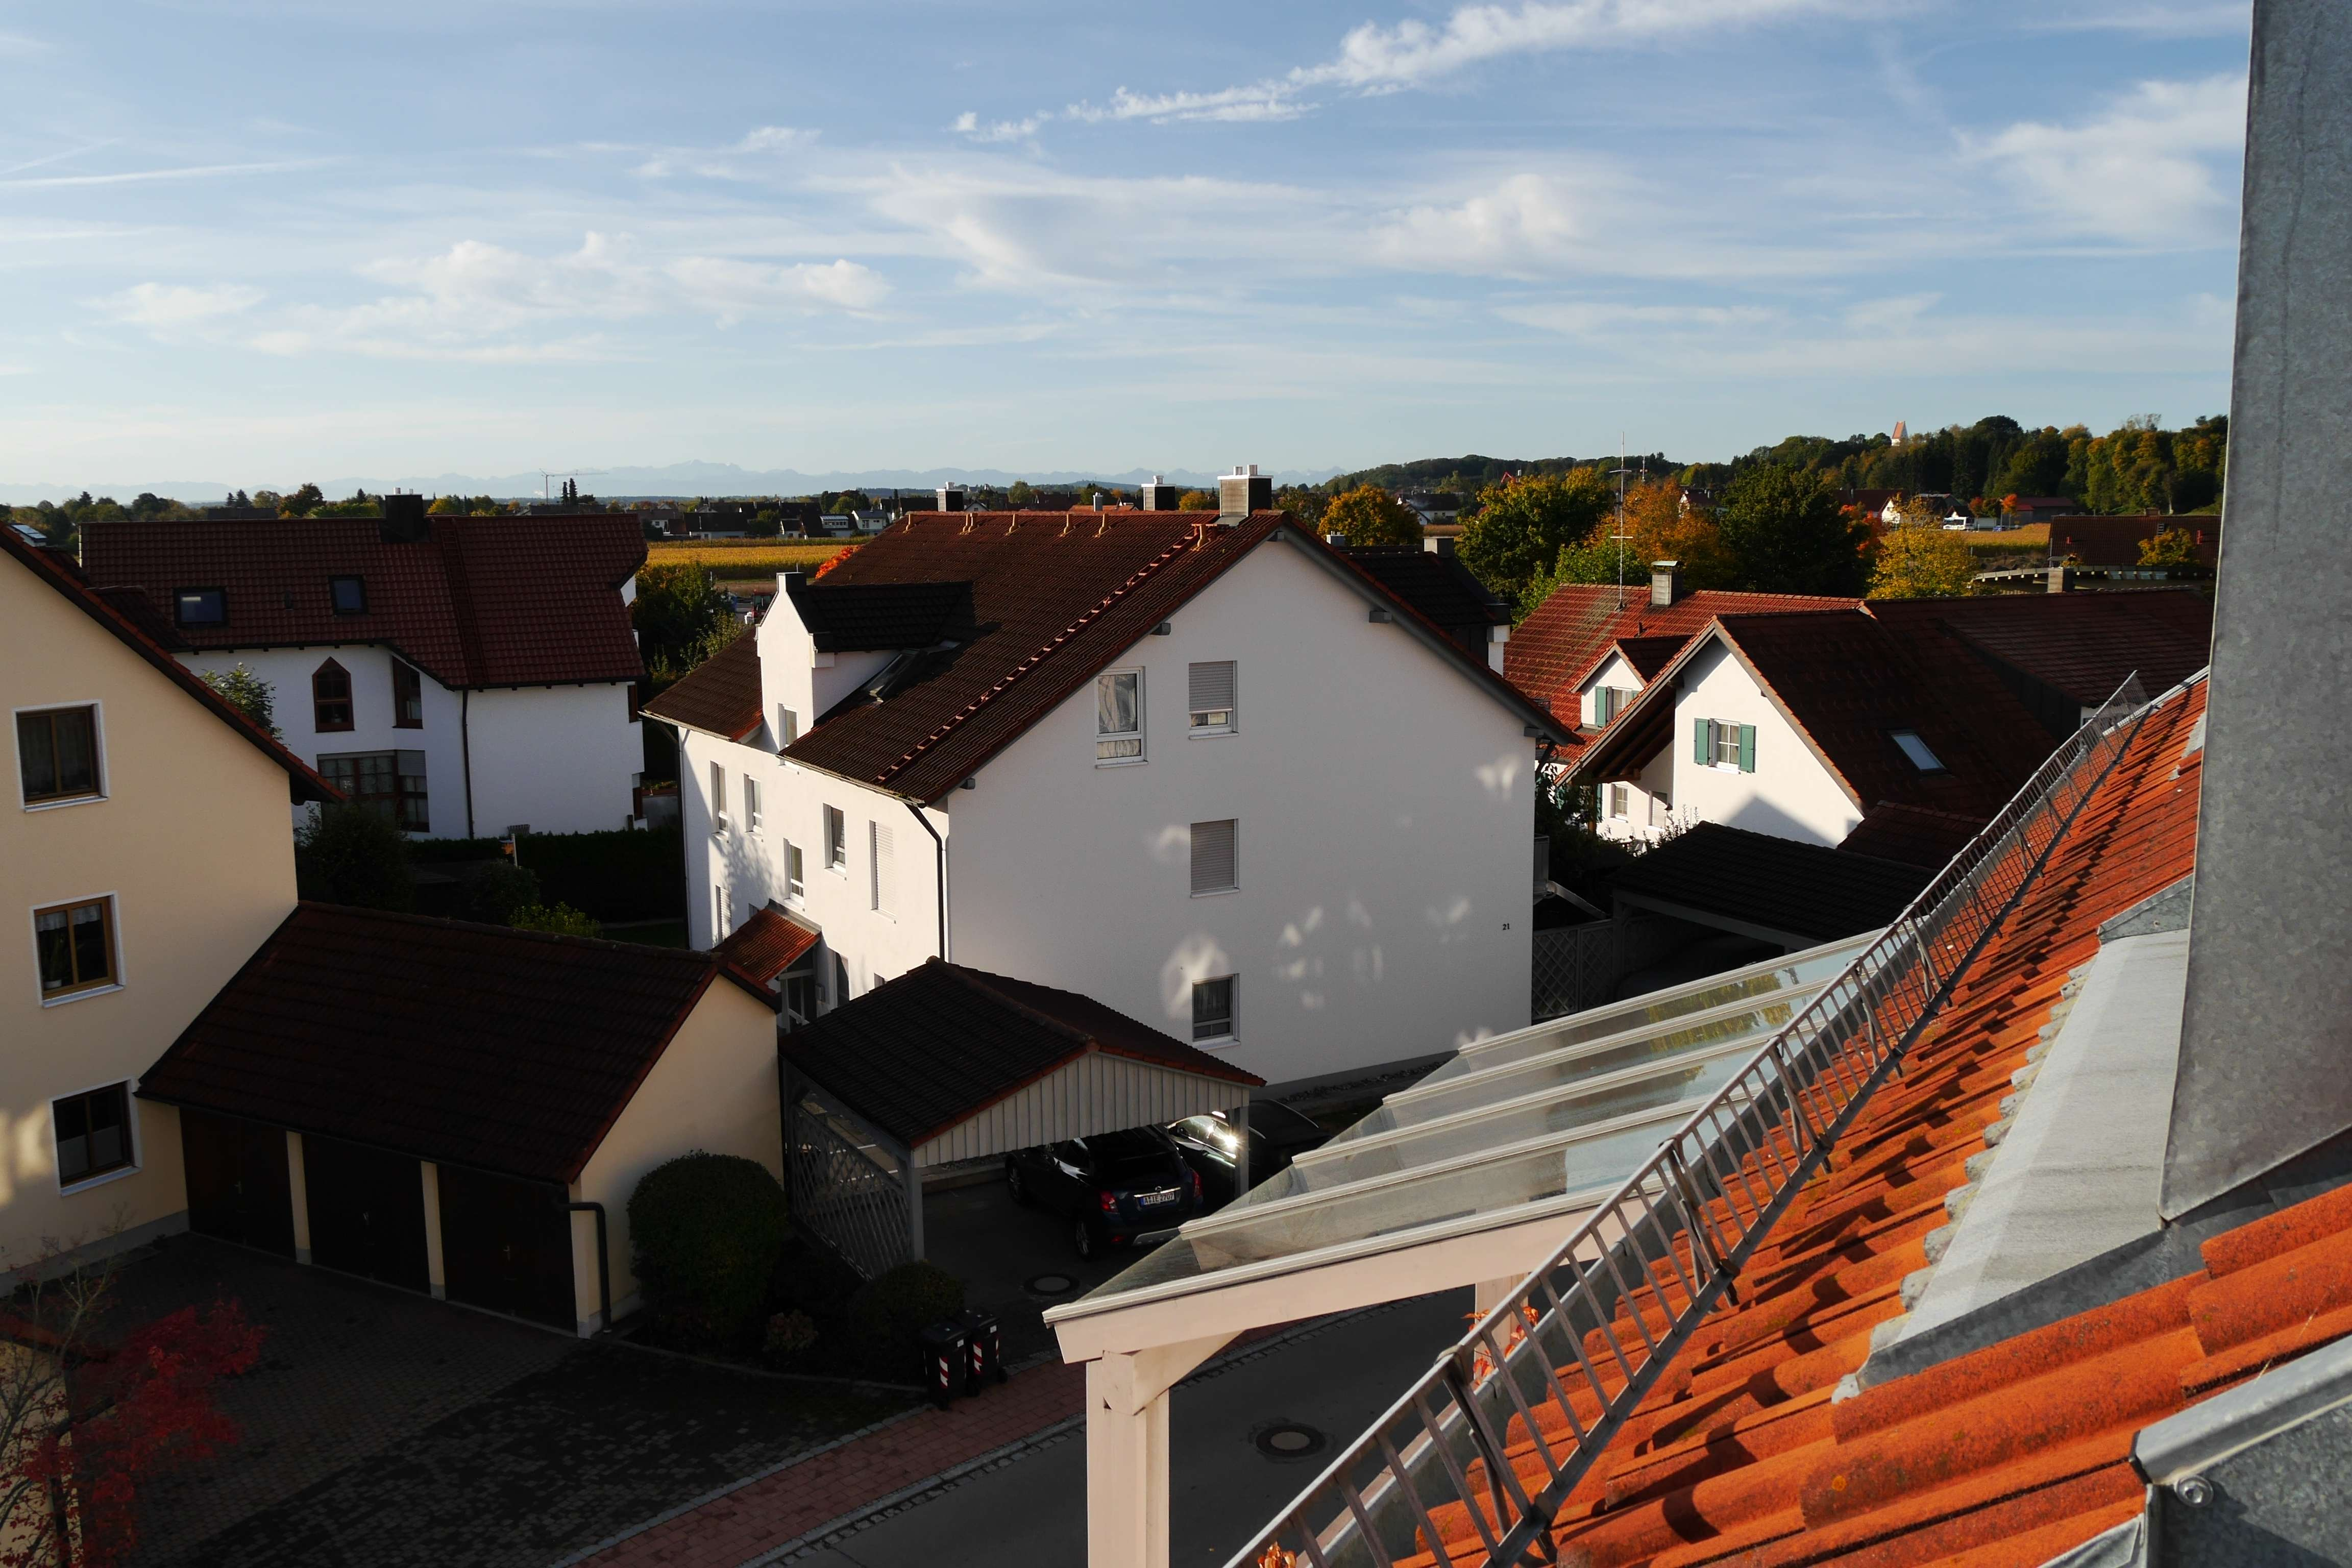 2-Zimmer-DG-Wohnung mit überdachter Loggia und Bergblick in Untermeitingen